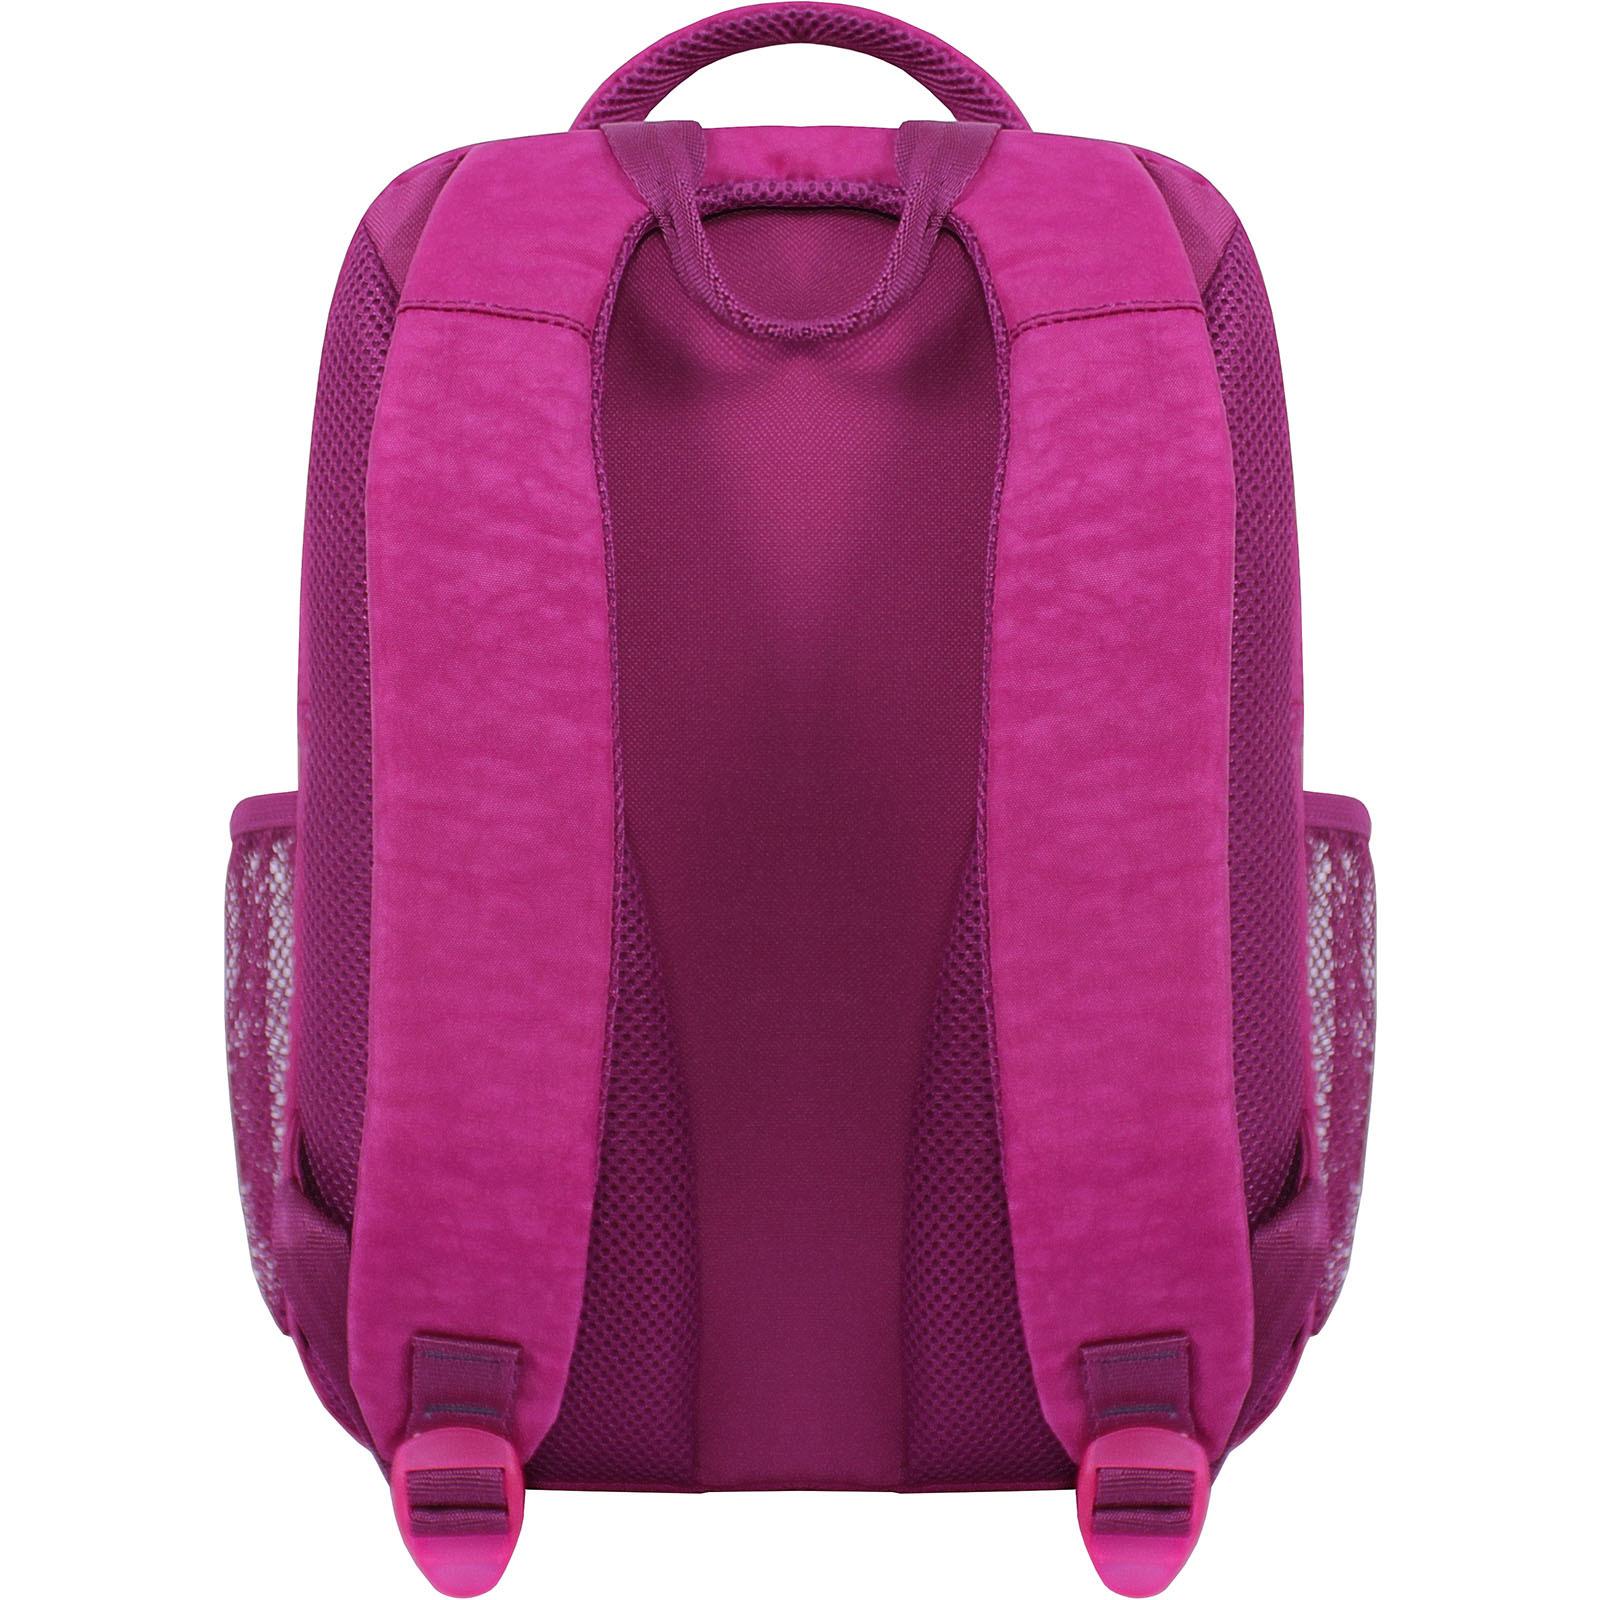 Рюкзак школьный Bagland Школьник 8 л. малиновый 617 (0012870) фото 3